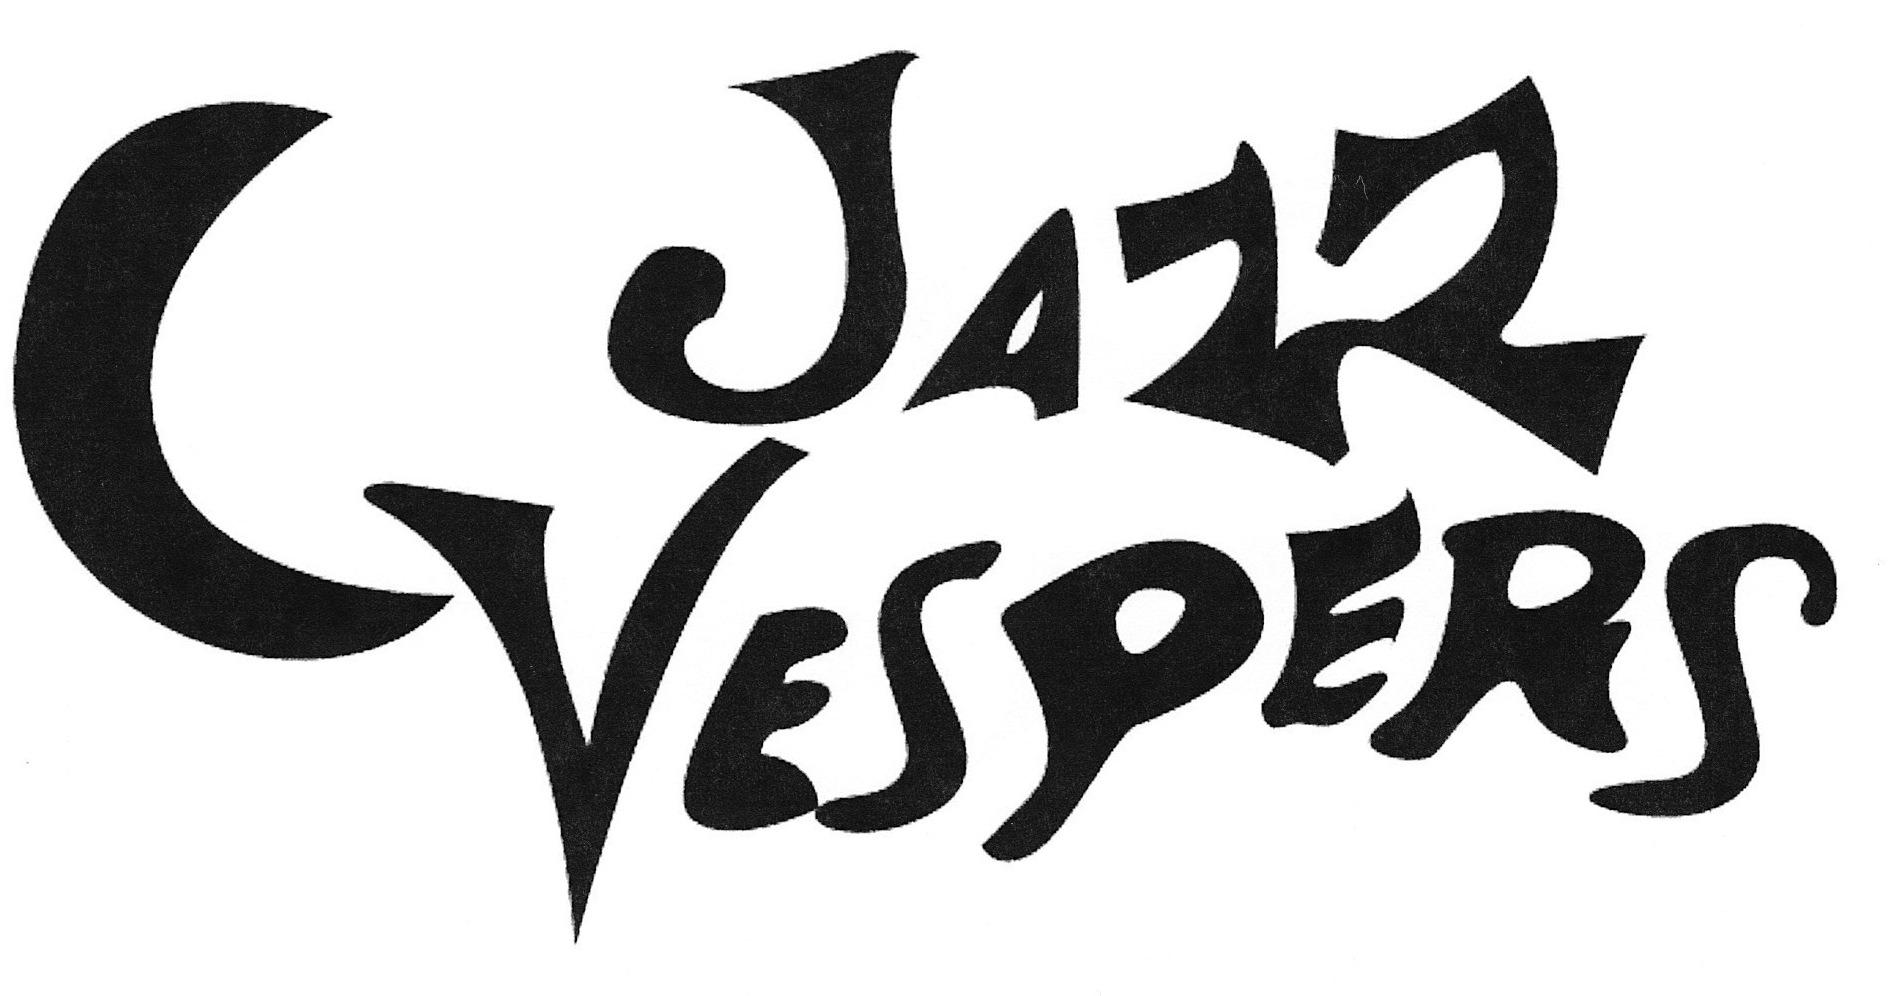 Vespers Clipart